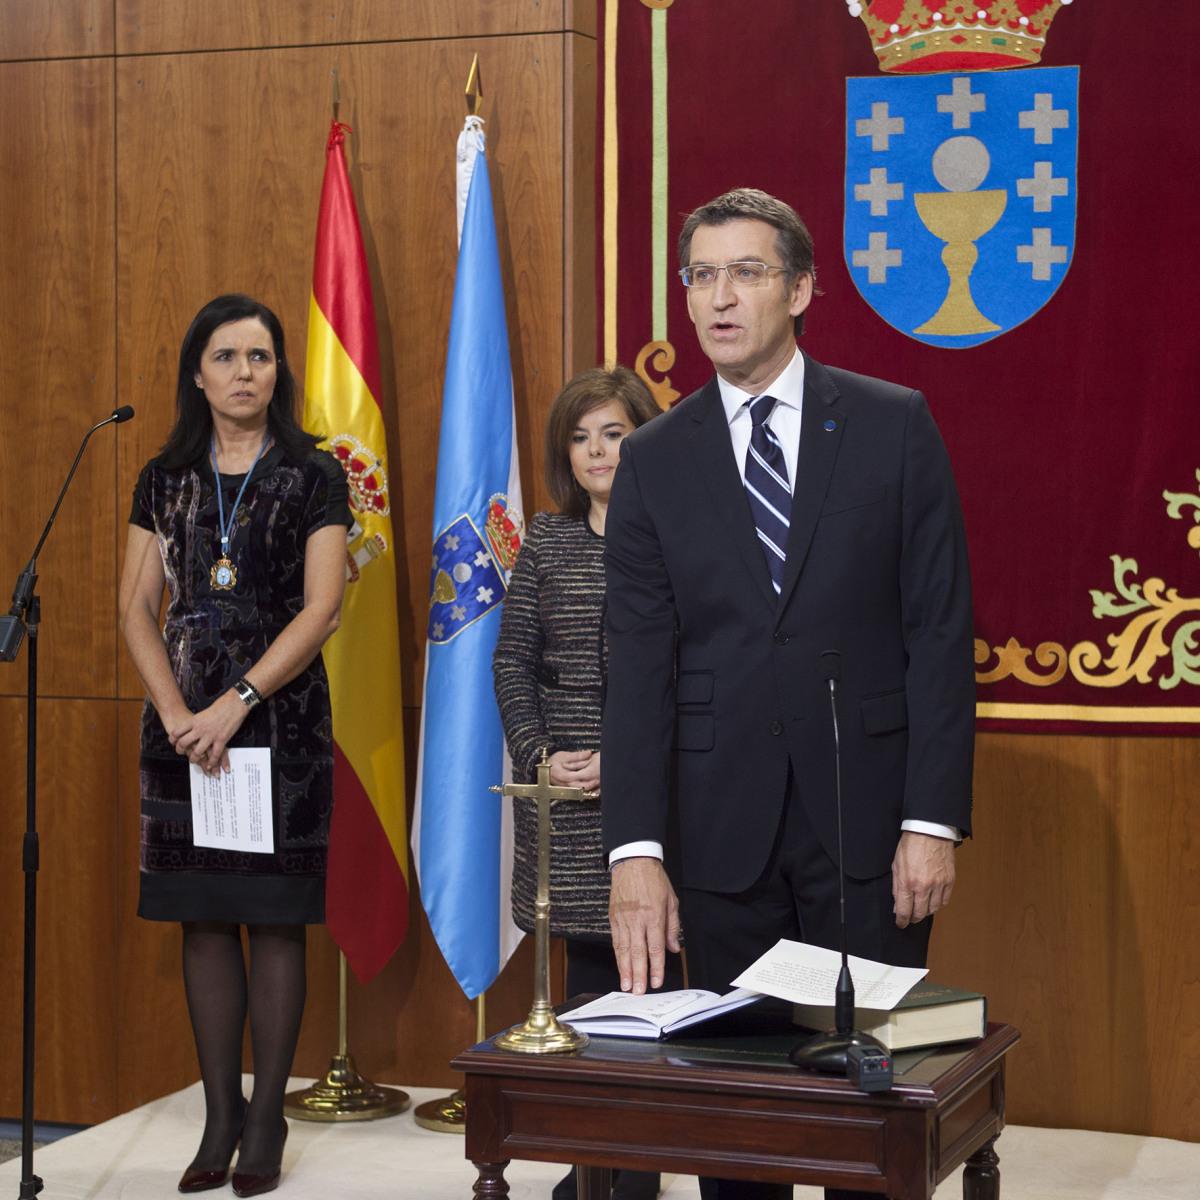 Alberto Núñez Feijóo (2012)